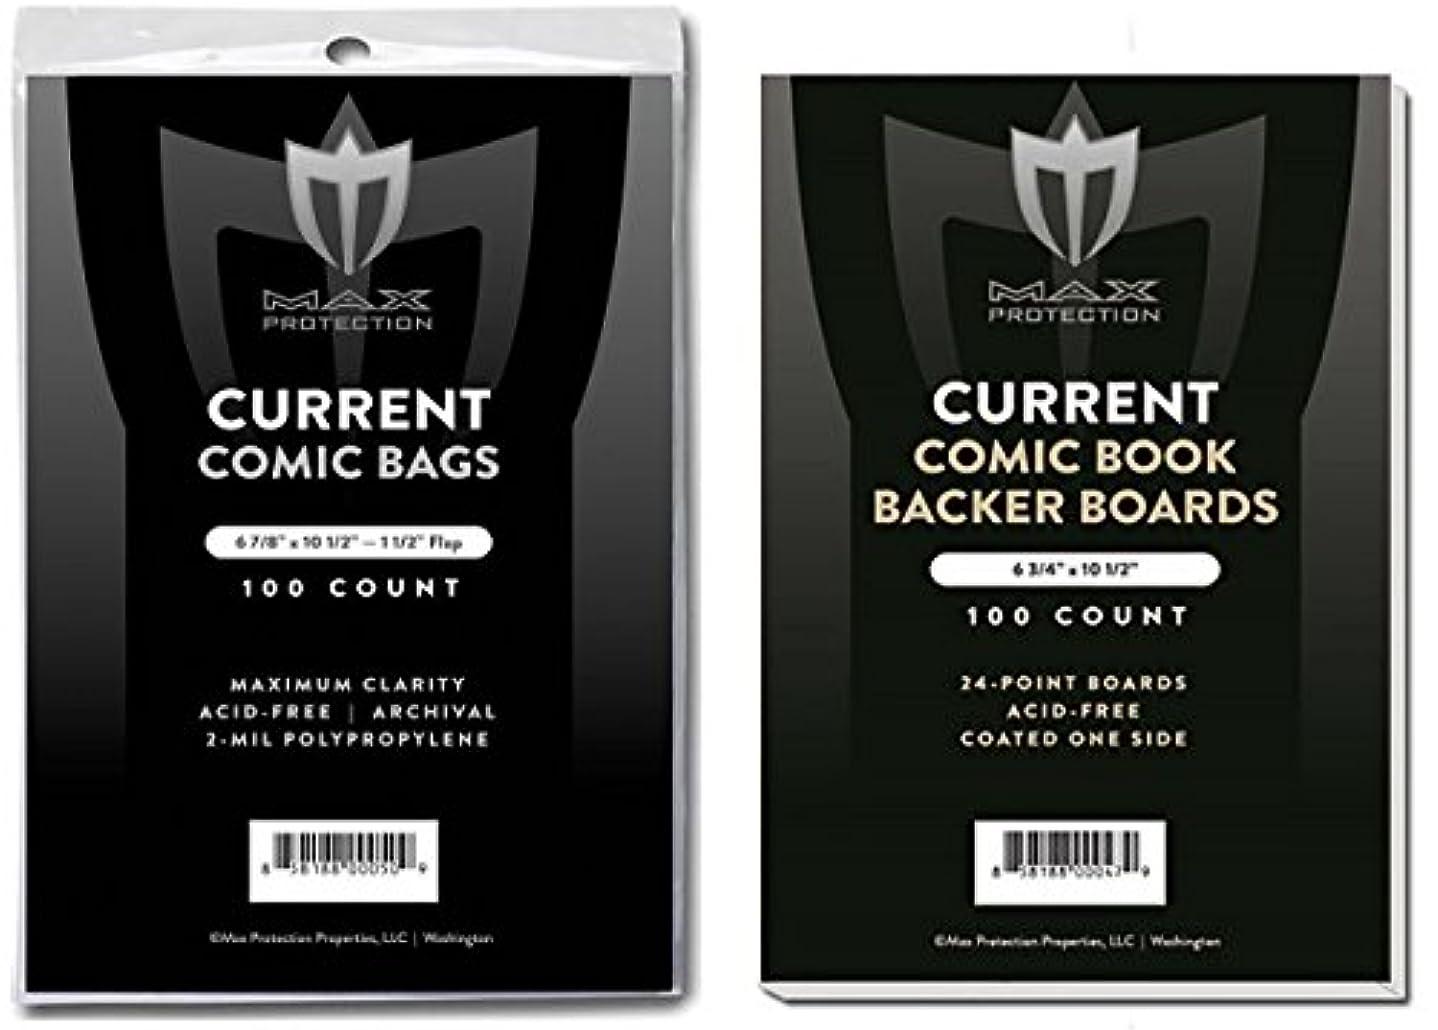 テーブル流行長椅子(500) Current Size Ultra Clear Comic Book Bags and Boards - by Max Pro (Qty= 500 Bags and 500 Boards)